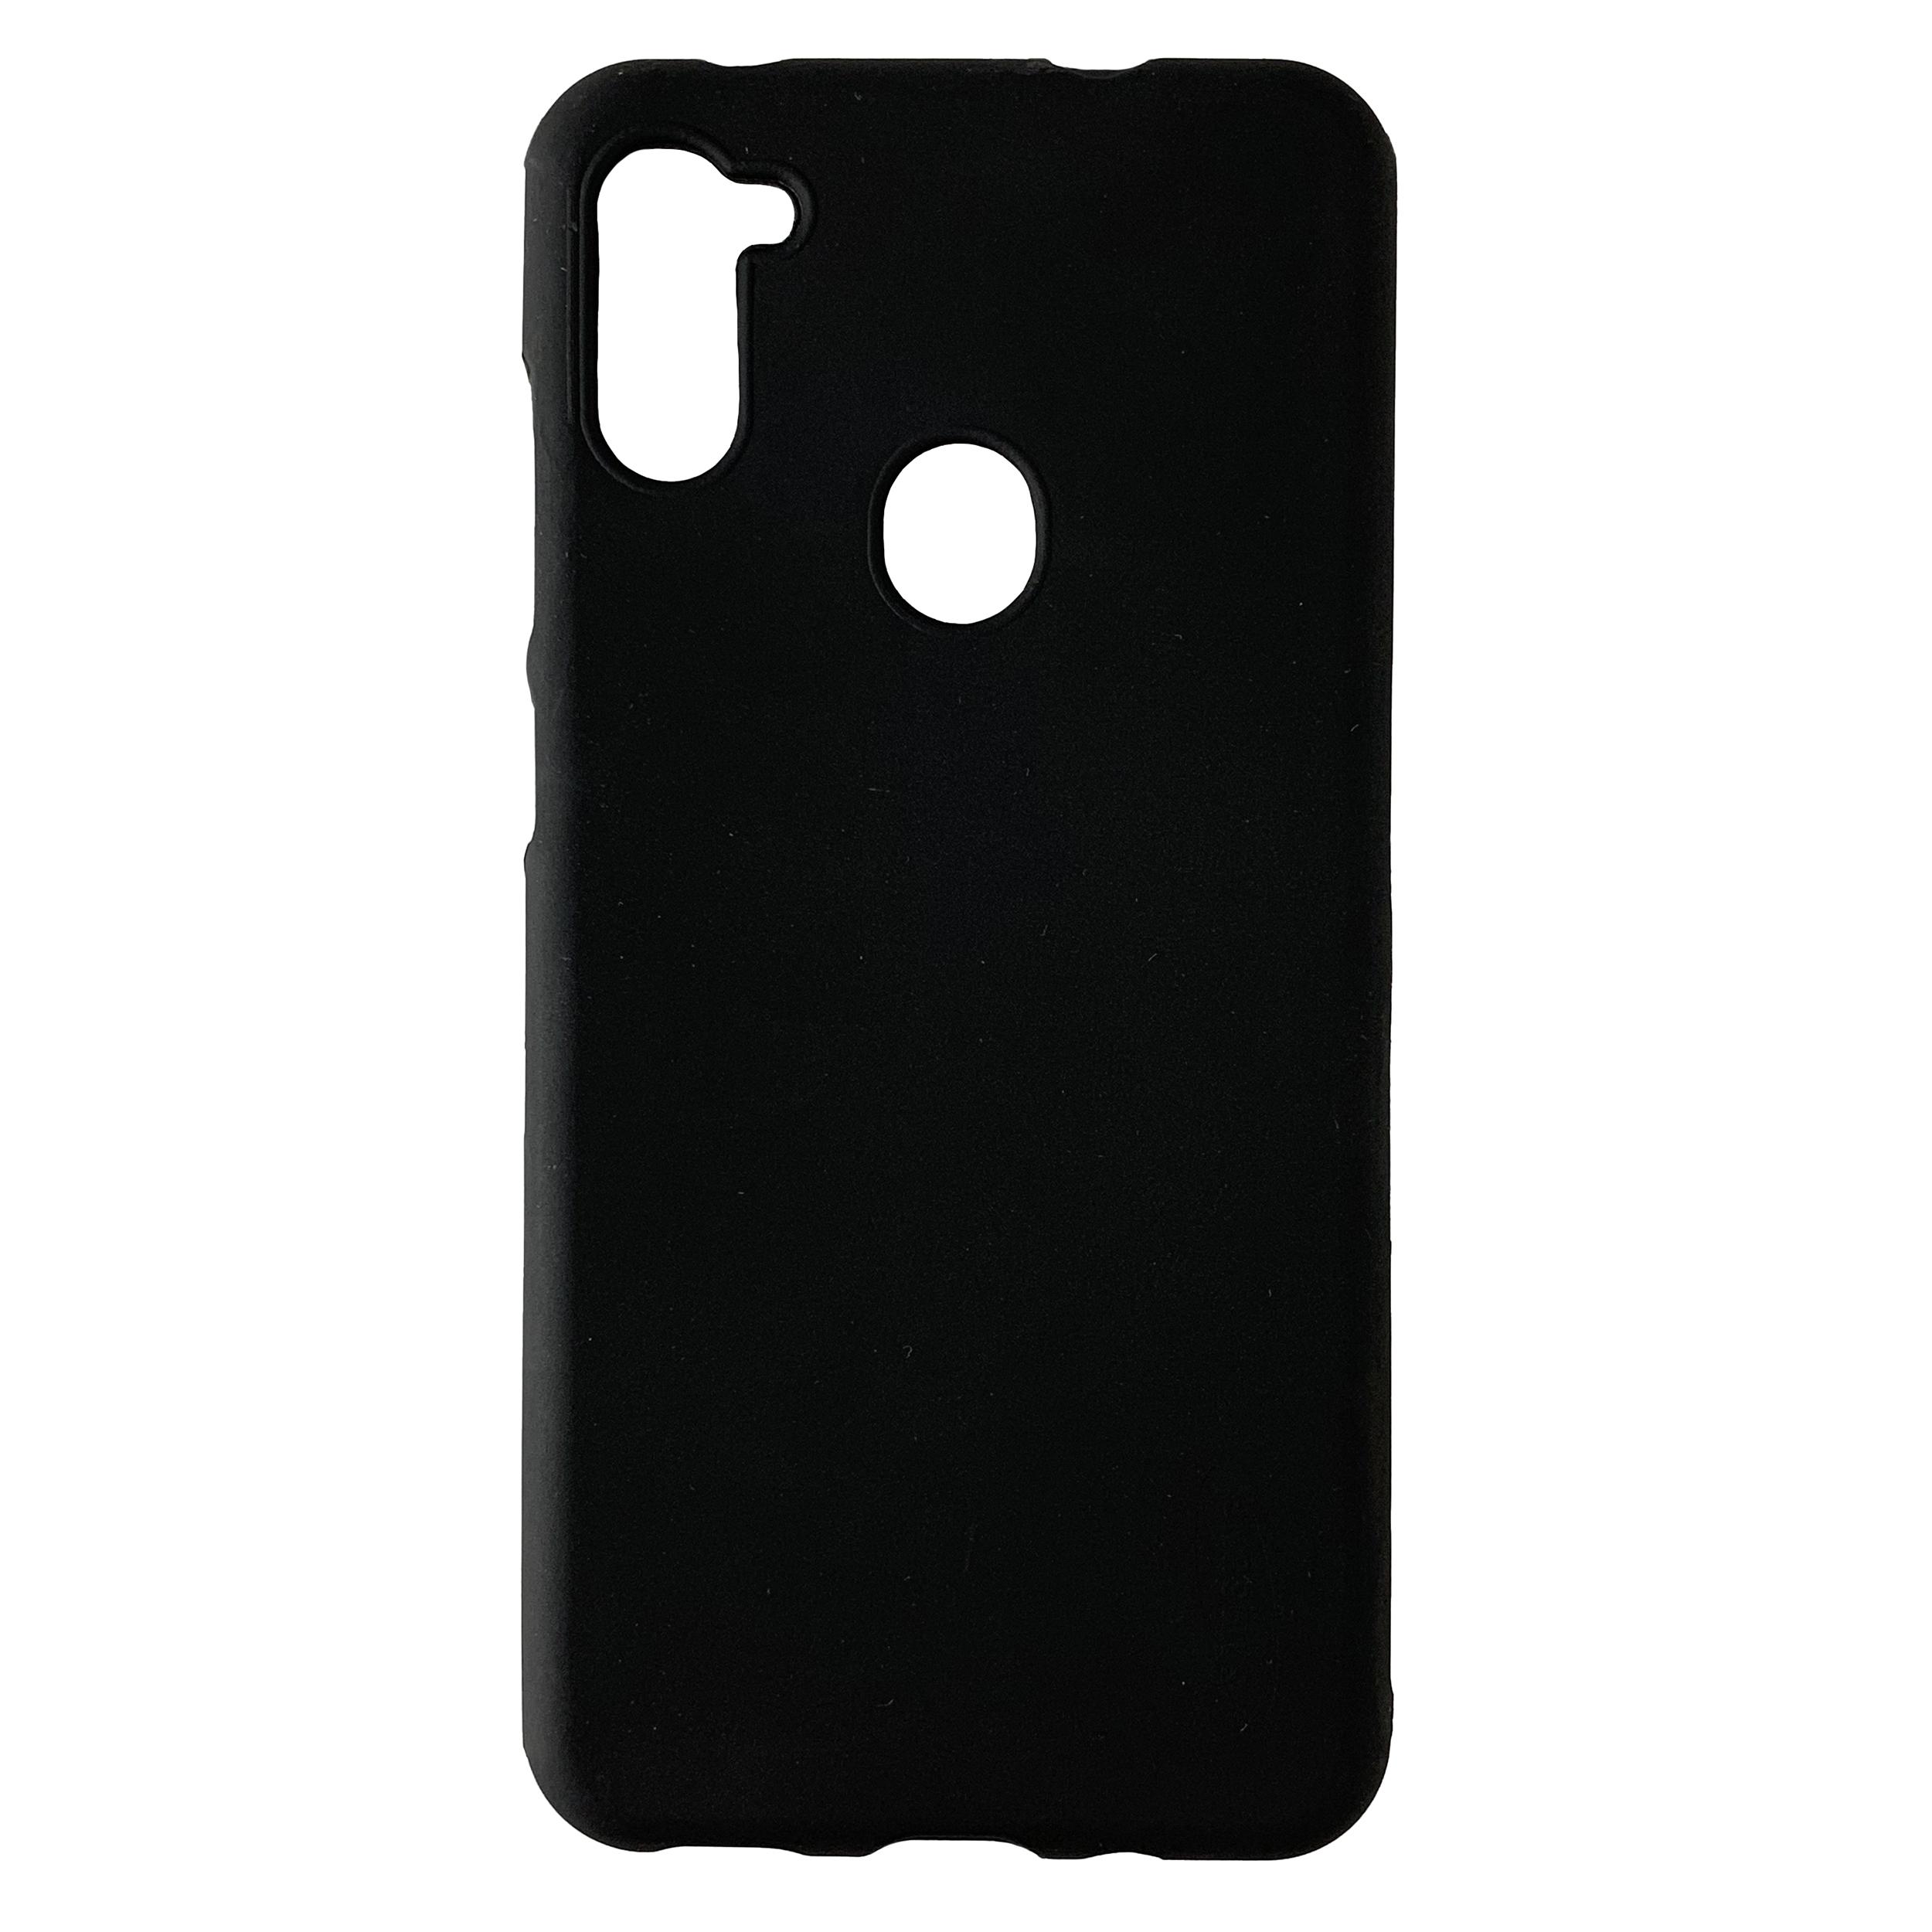 کاور مدل IR02 مناسب برای گوشی موبایل سامسونگ Galaxy A11